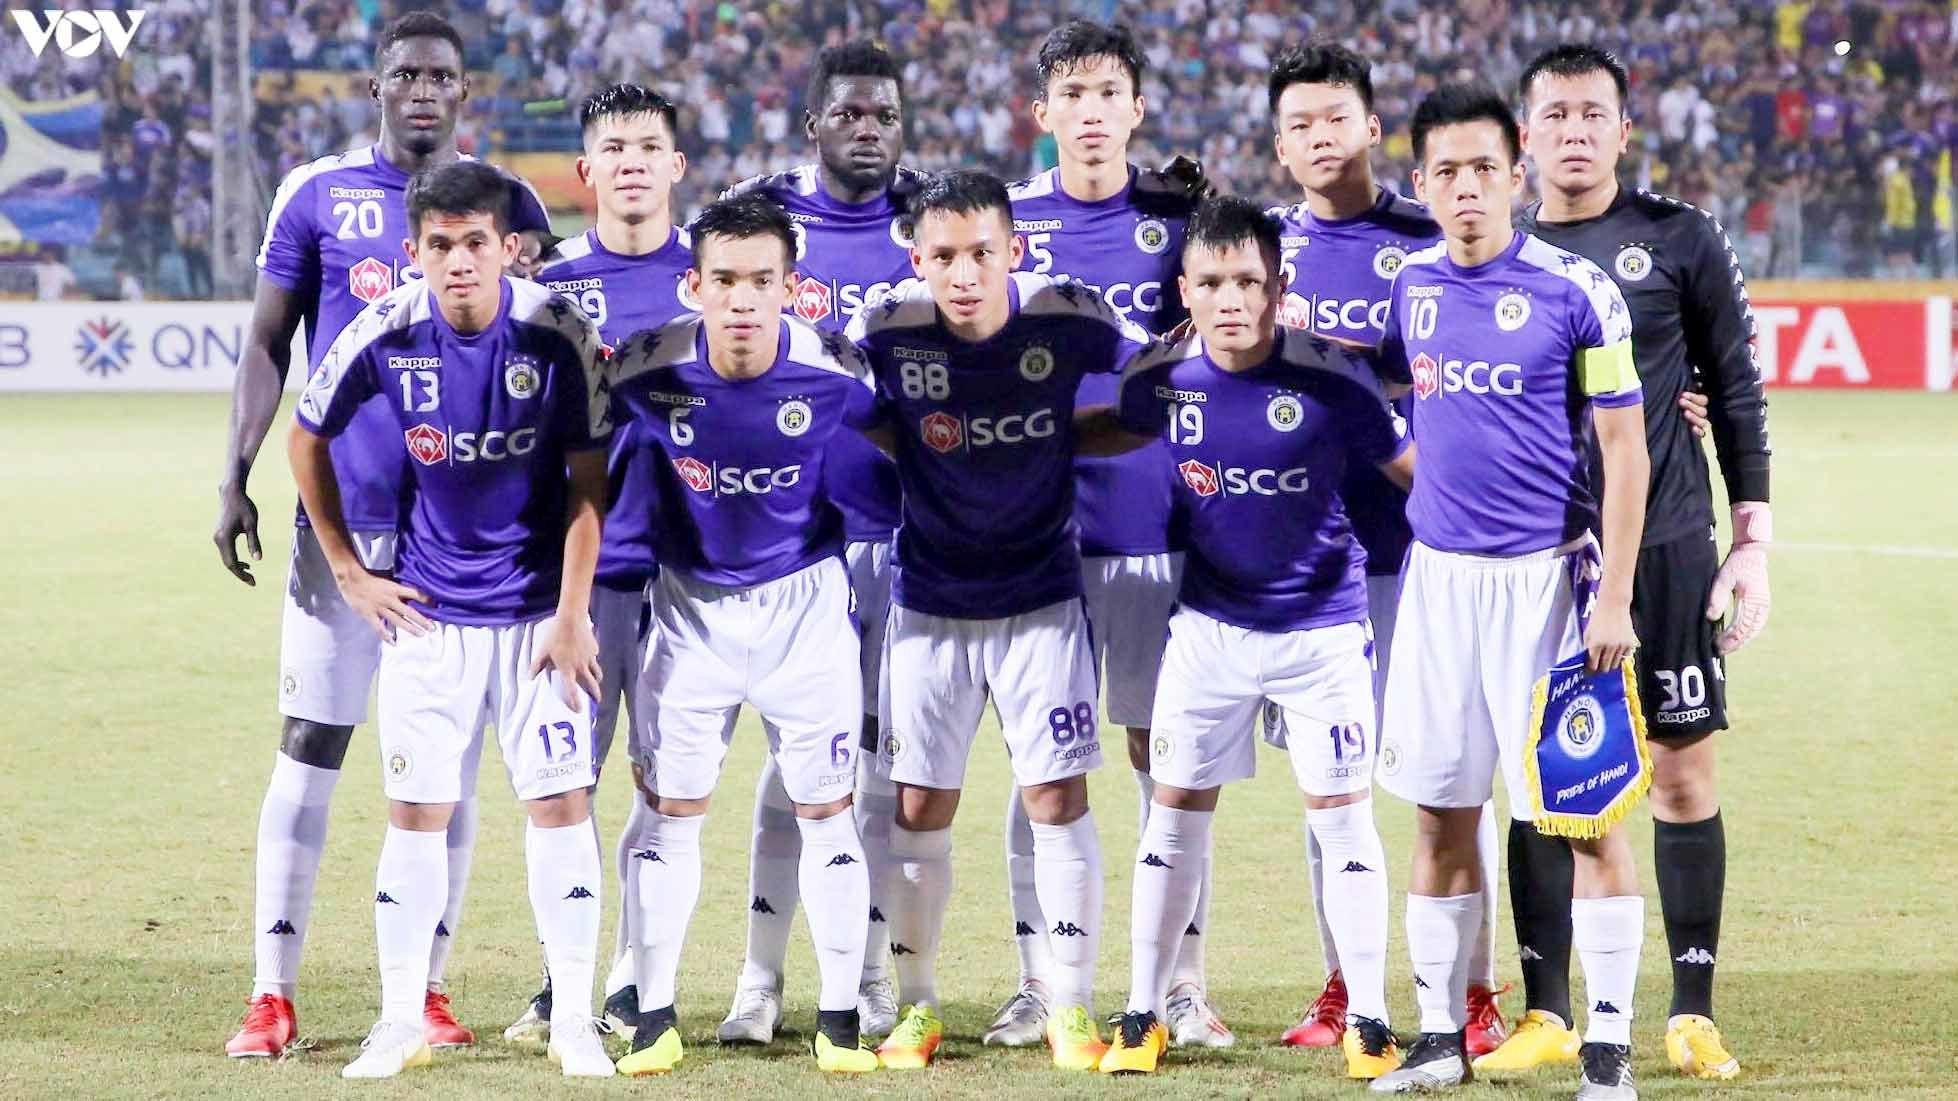 Hà Nội FC cầm chắc tấm vé tham dự AFC Champions League và AFC Cup 2021